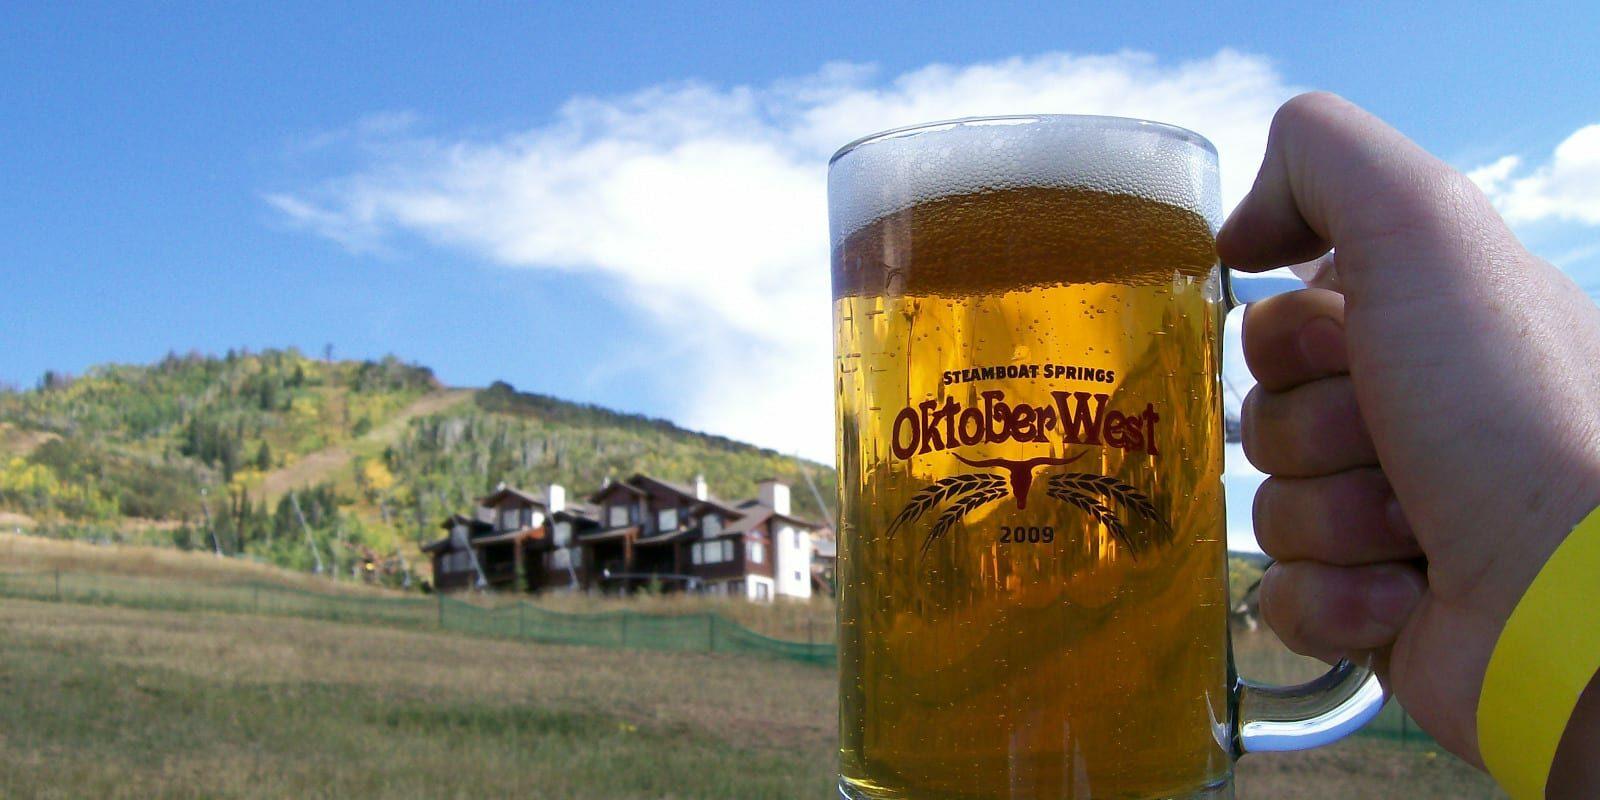 Steamboat OktoberWest Beer Cheers